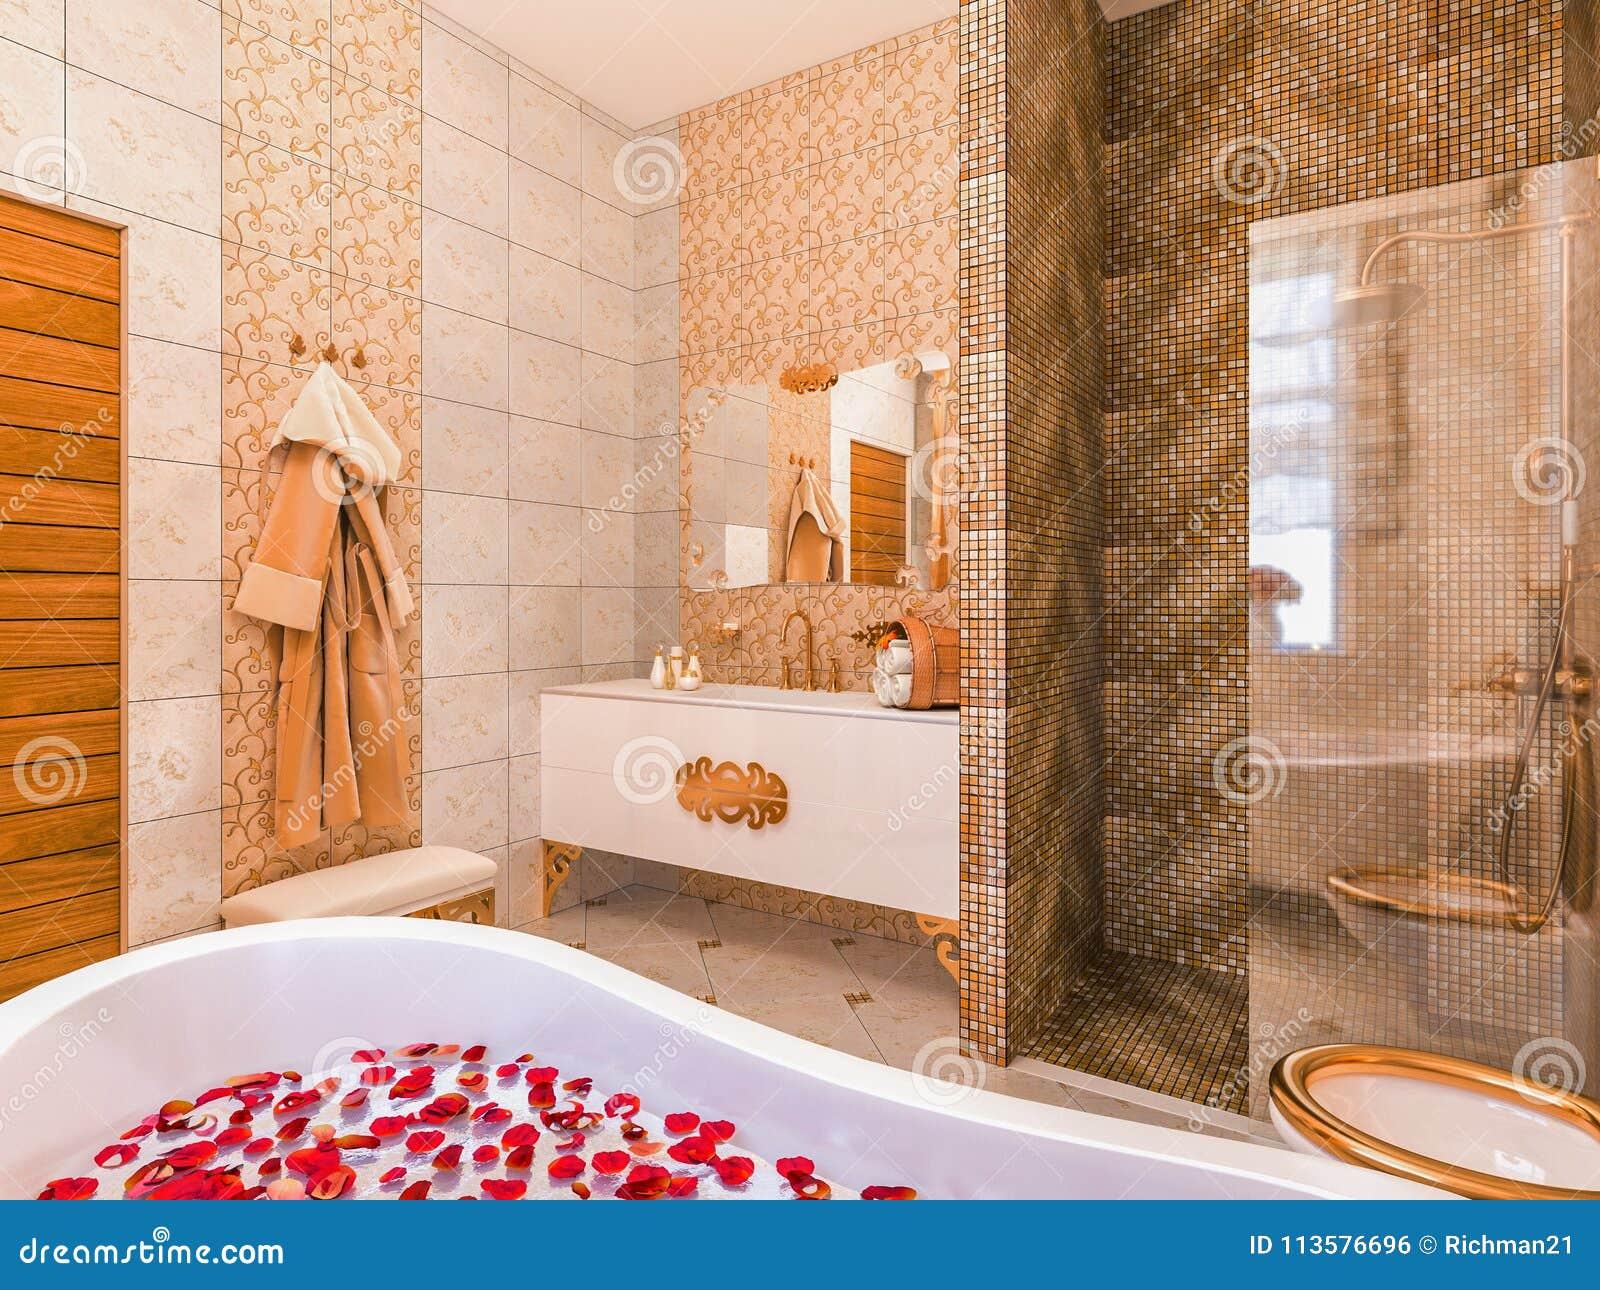 Design Bagno Classico : Illustrazione 3d di un interior design di un bagno in un classico